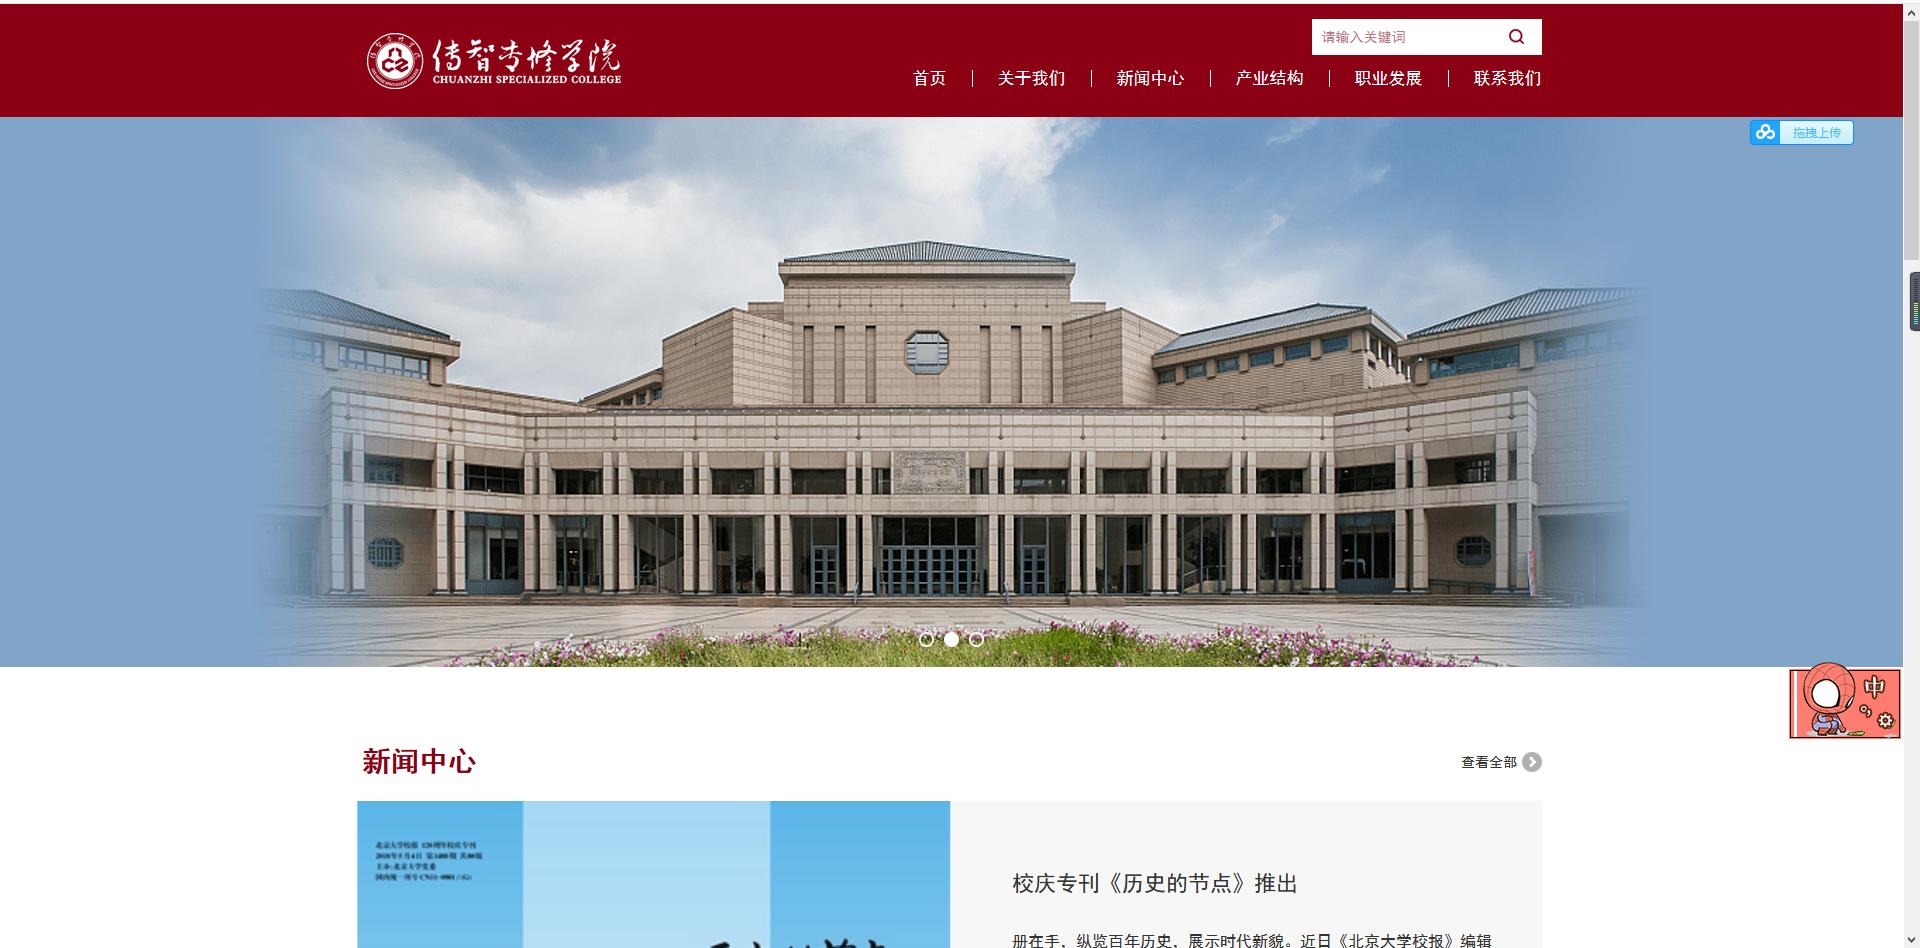 响应式学校院校学院类网站织梦模板(自适应手机端)